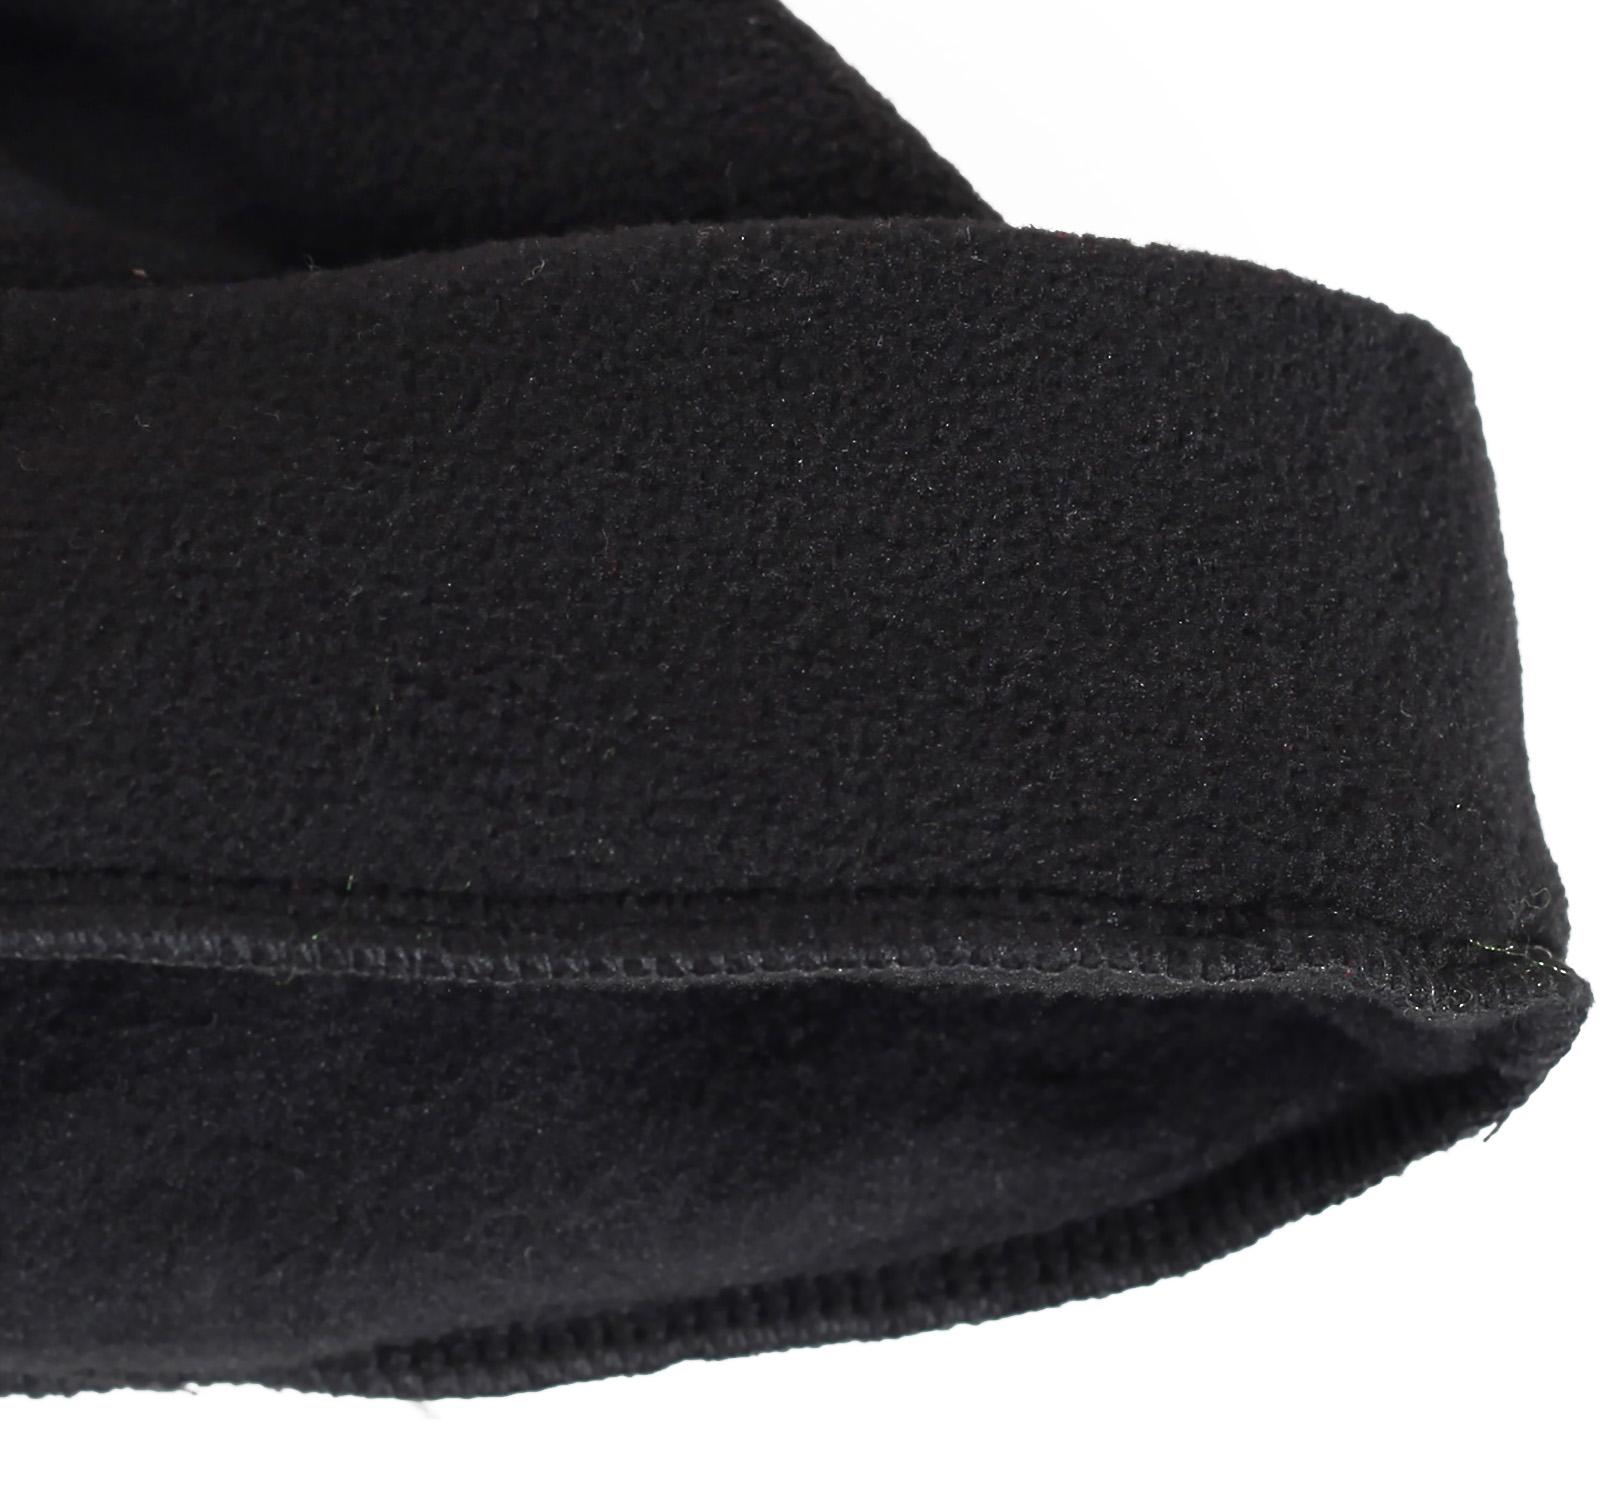 Заказать мужскую флисовую зимнюю шапку по выгодной цене